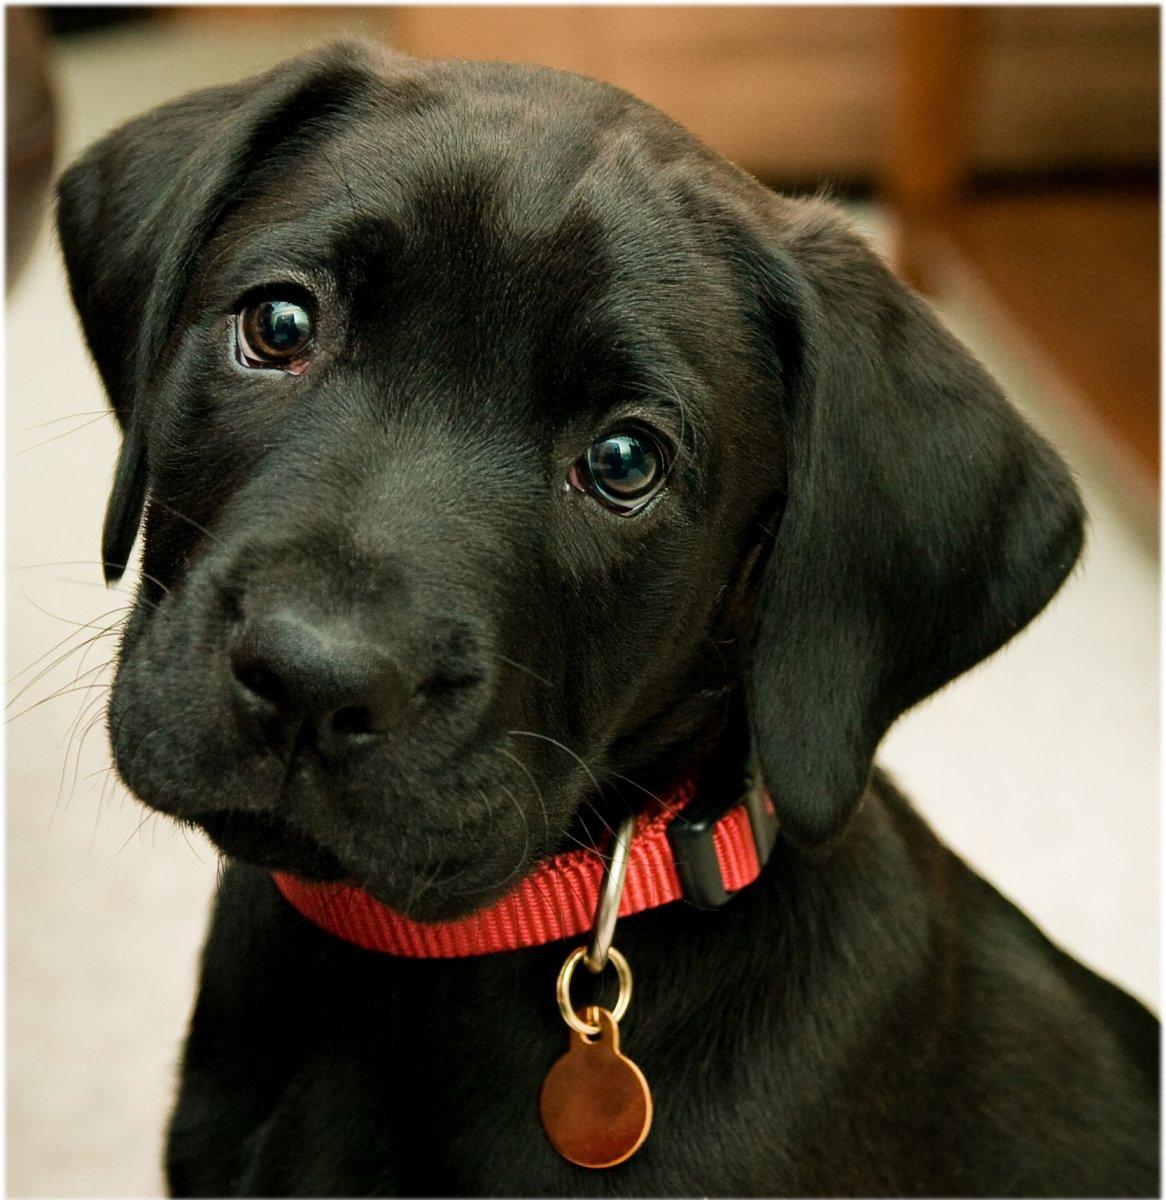 Posibles problemas de salud en el Labrador Retriever PerrosAmigoscom